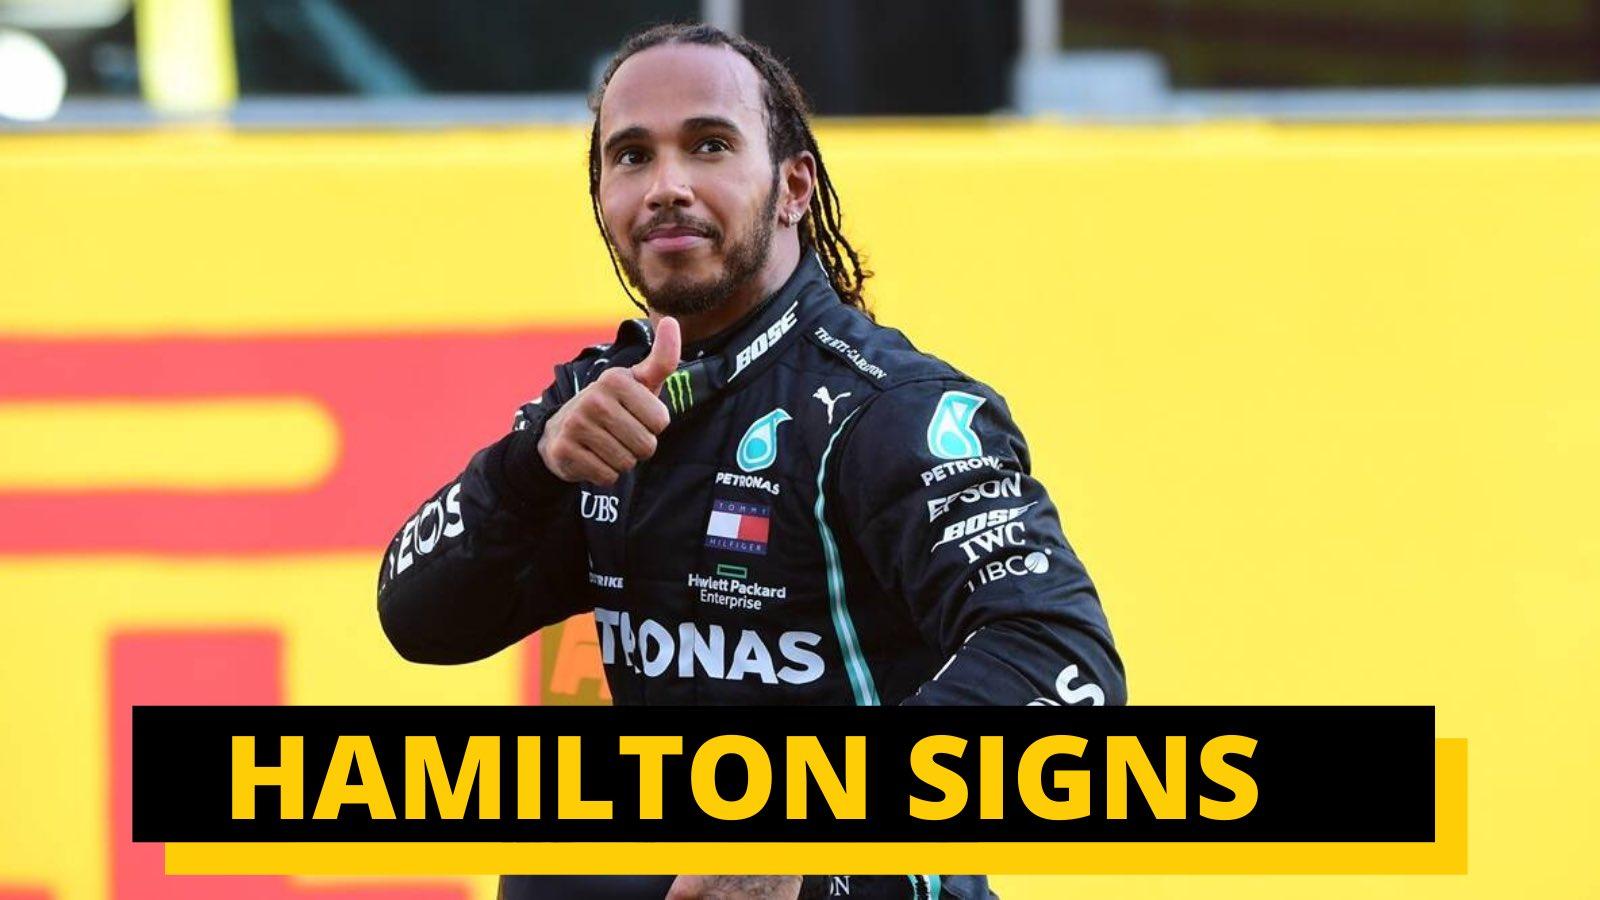 为何汉密尔顿只续约一年?八冠后要退出F1吗